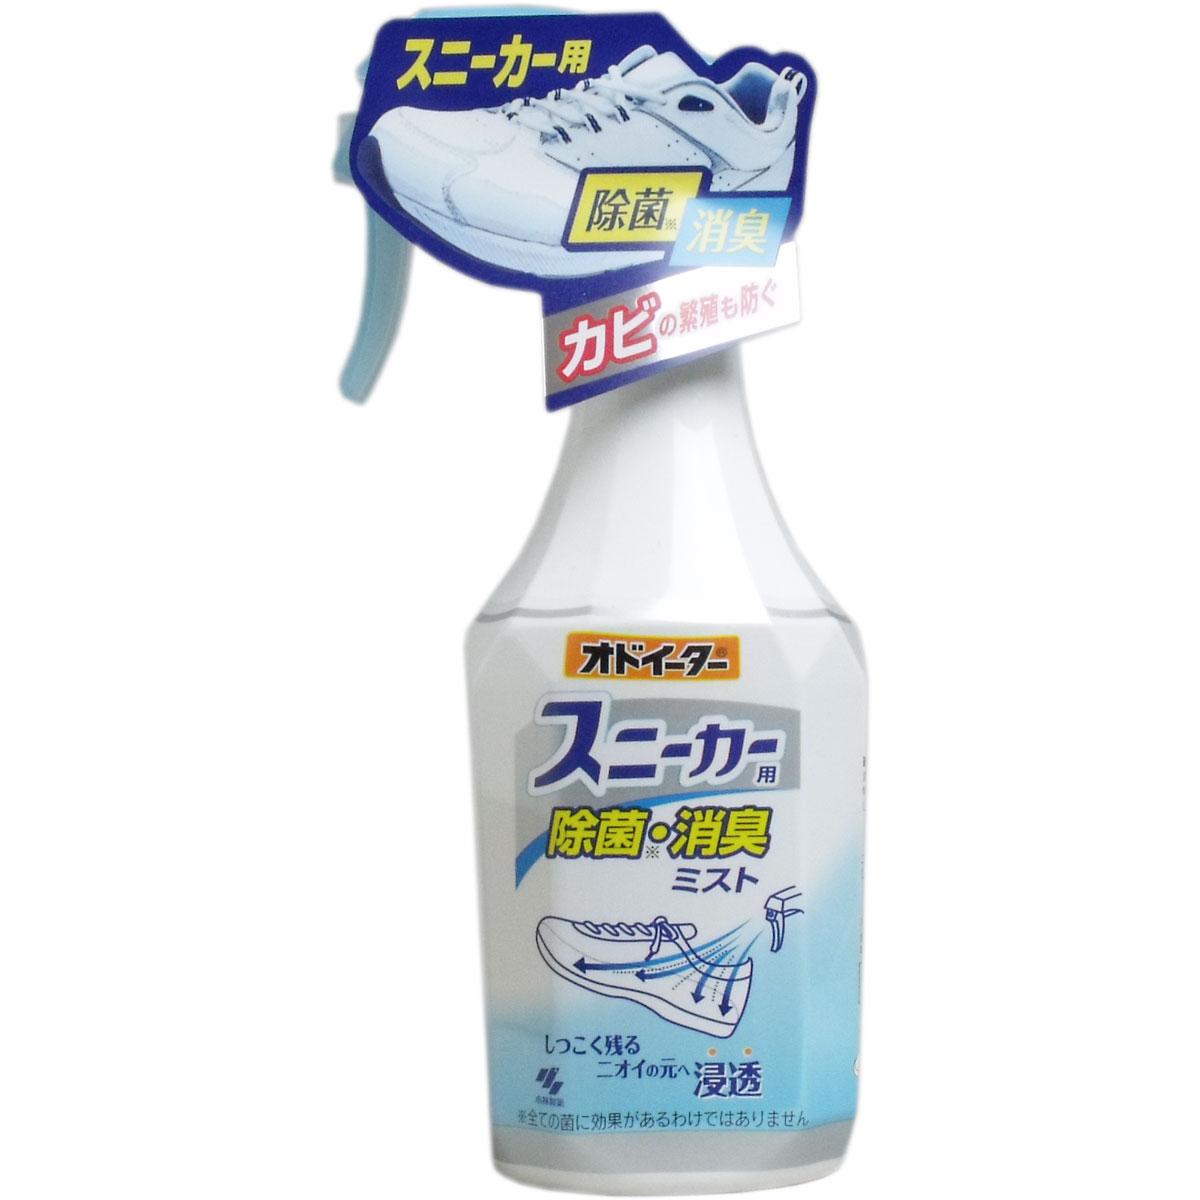 [メーカー欠品] オドイーター スニーカー用 除菌・消臭ミスト 250mL